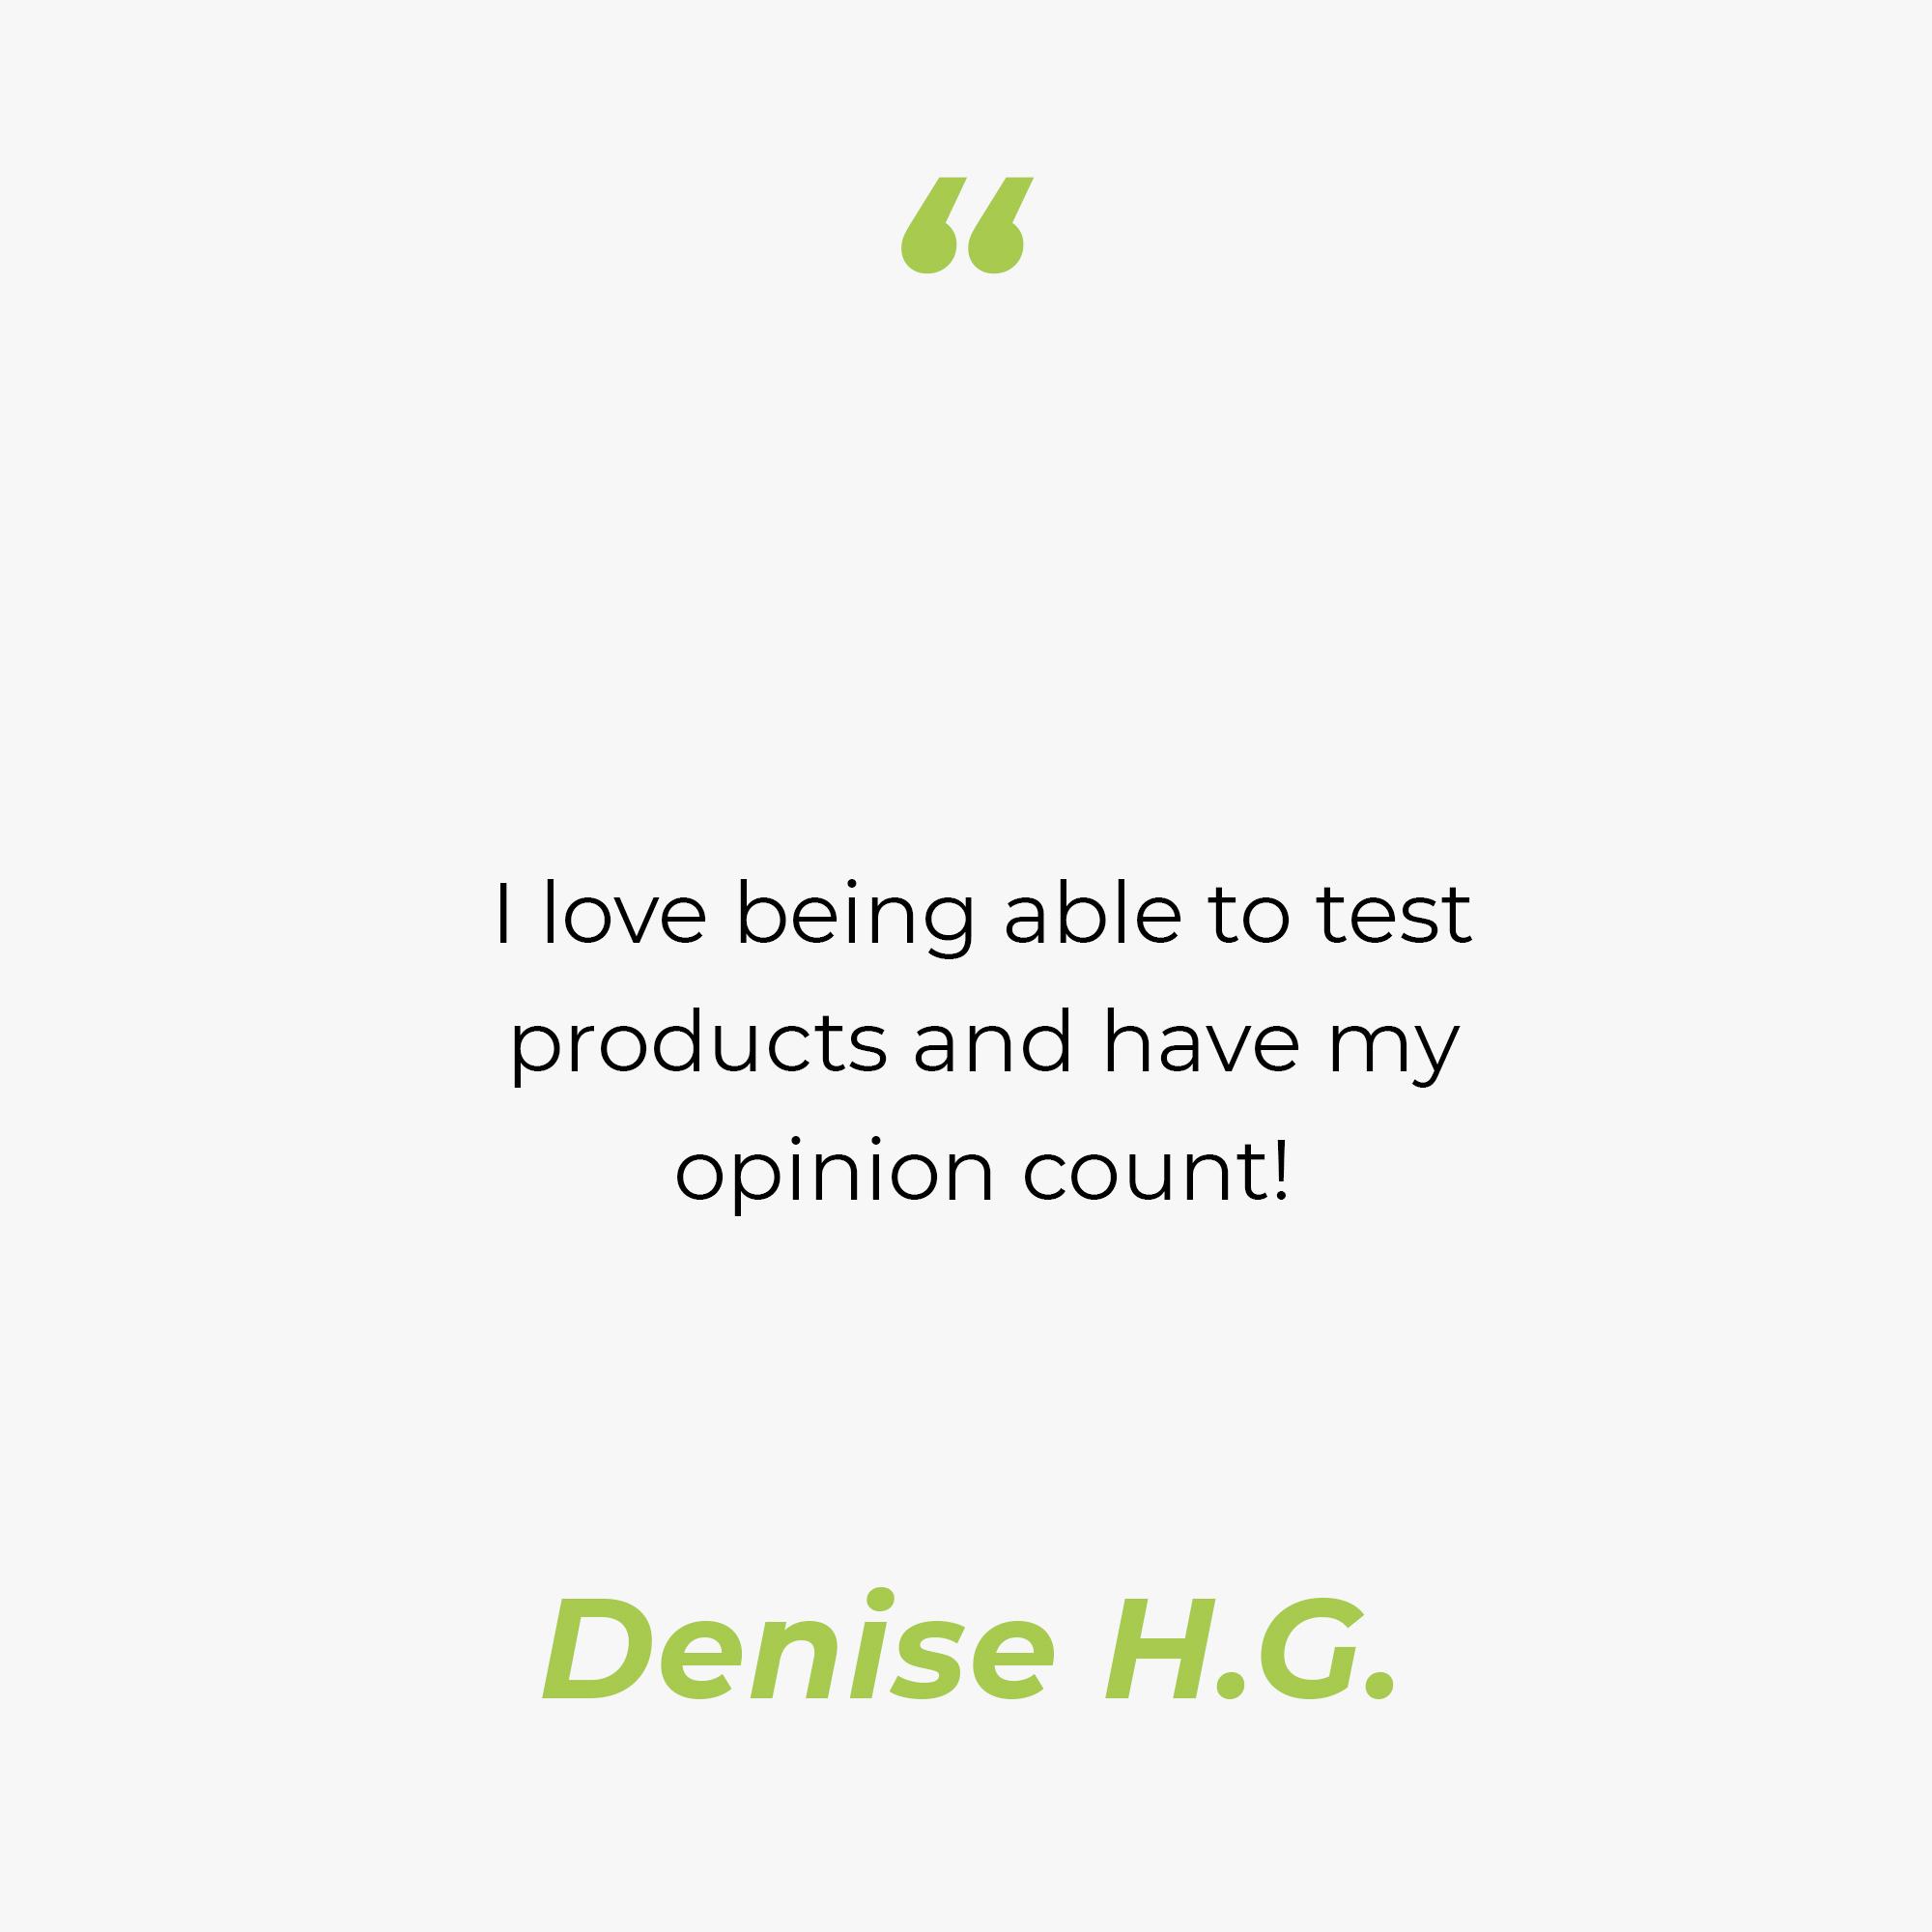 Denise-HG_quote_002.jpg